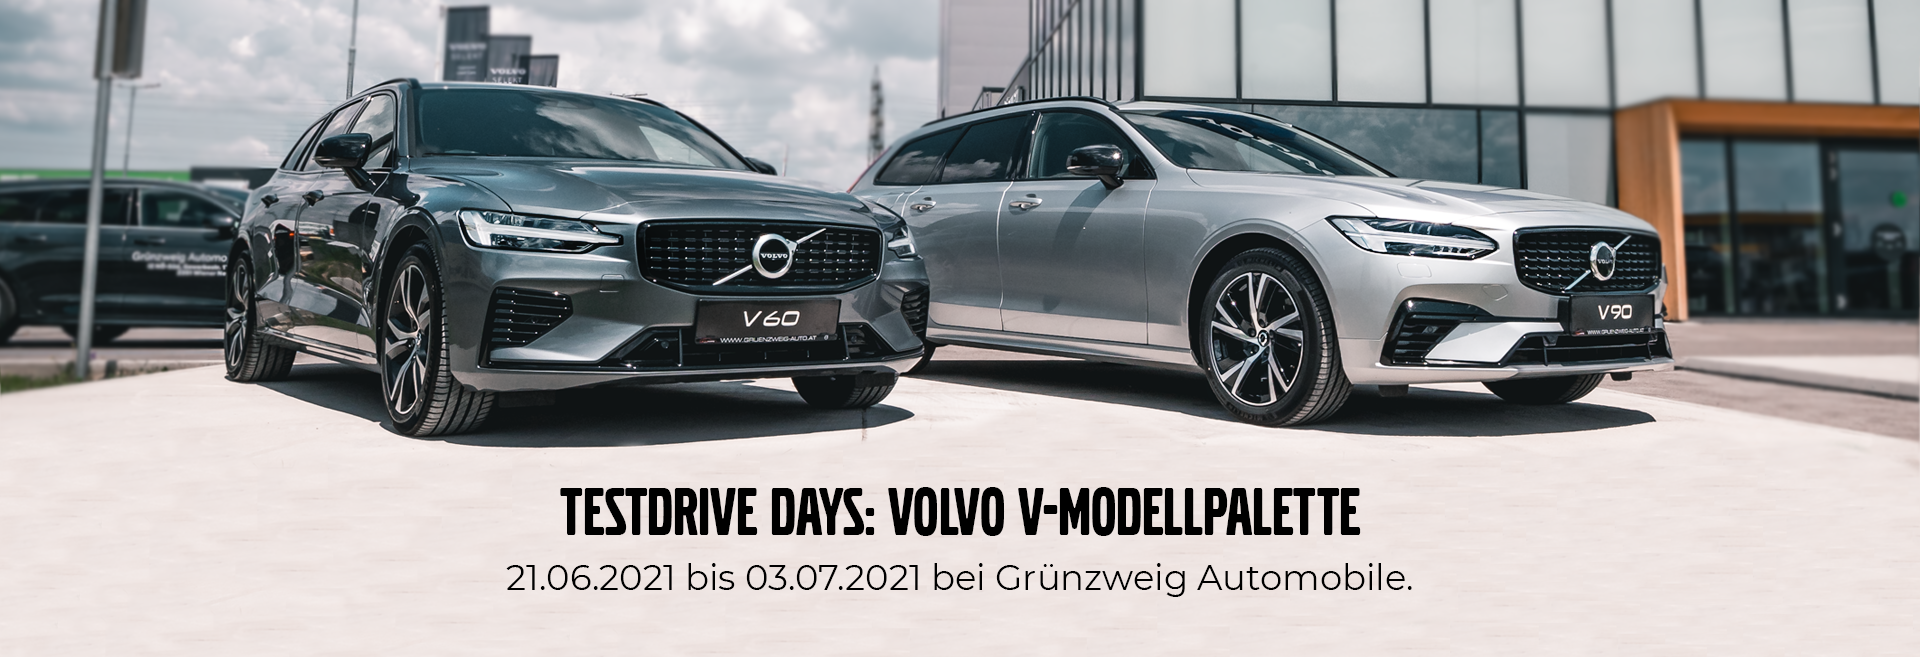 Testdrive Days bei Grünzweig Automobile